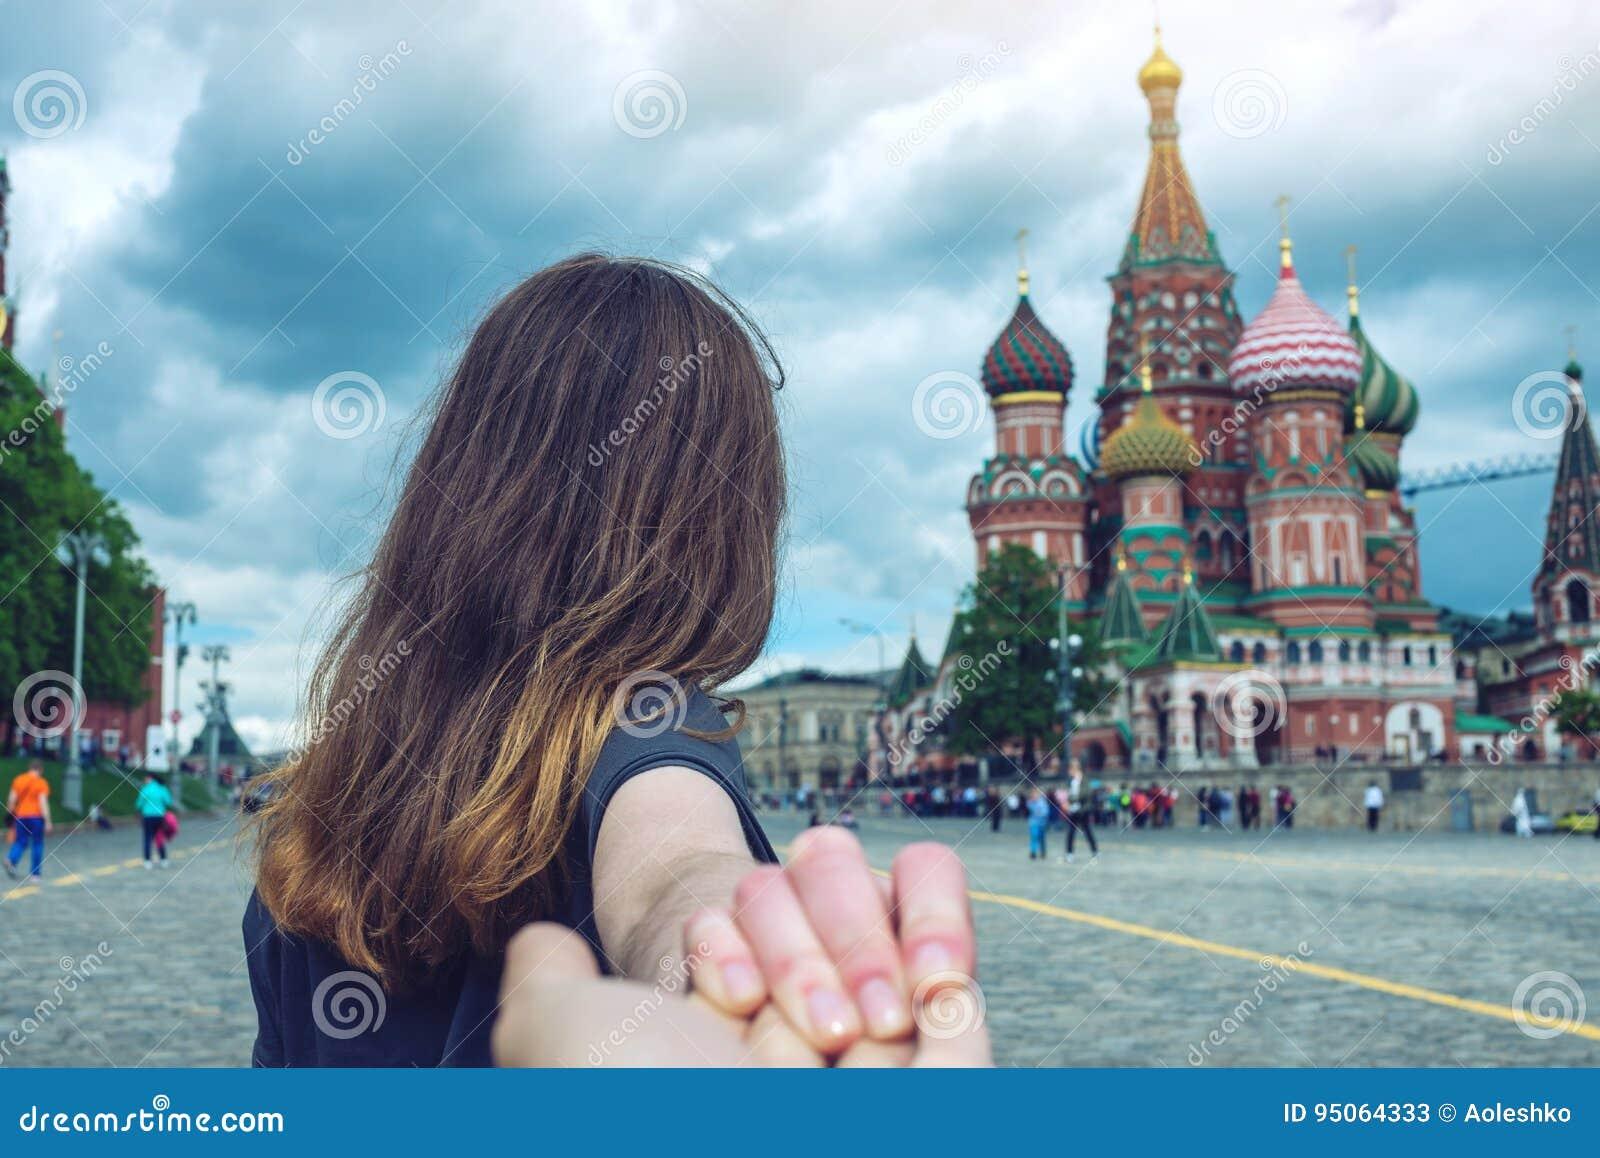 Следовать мной, брюнет девушка держа руку водит к красной площади в Москве Россия